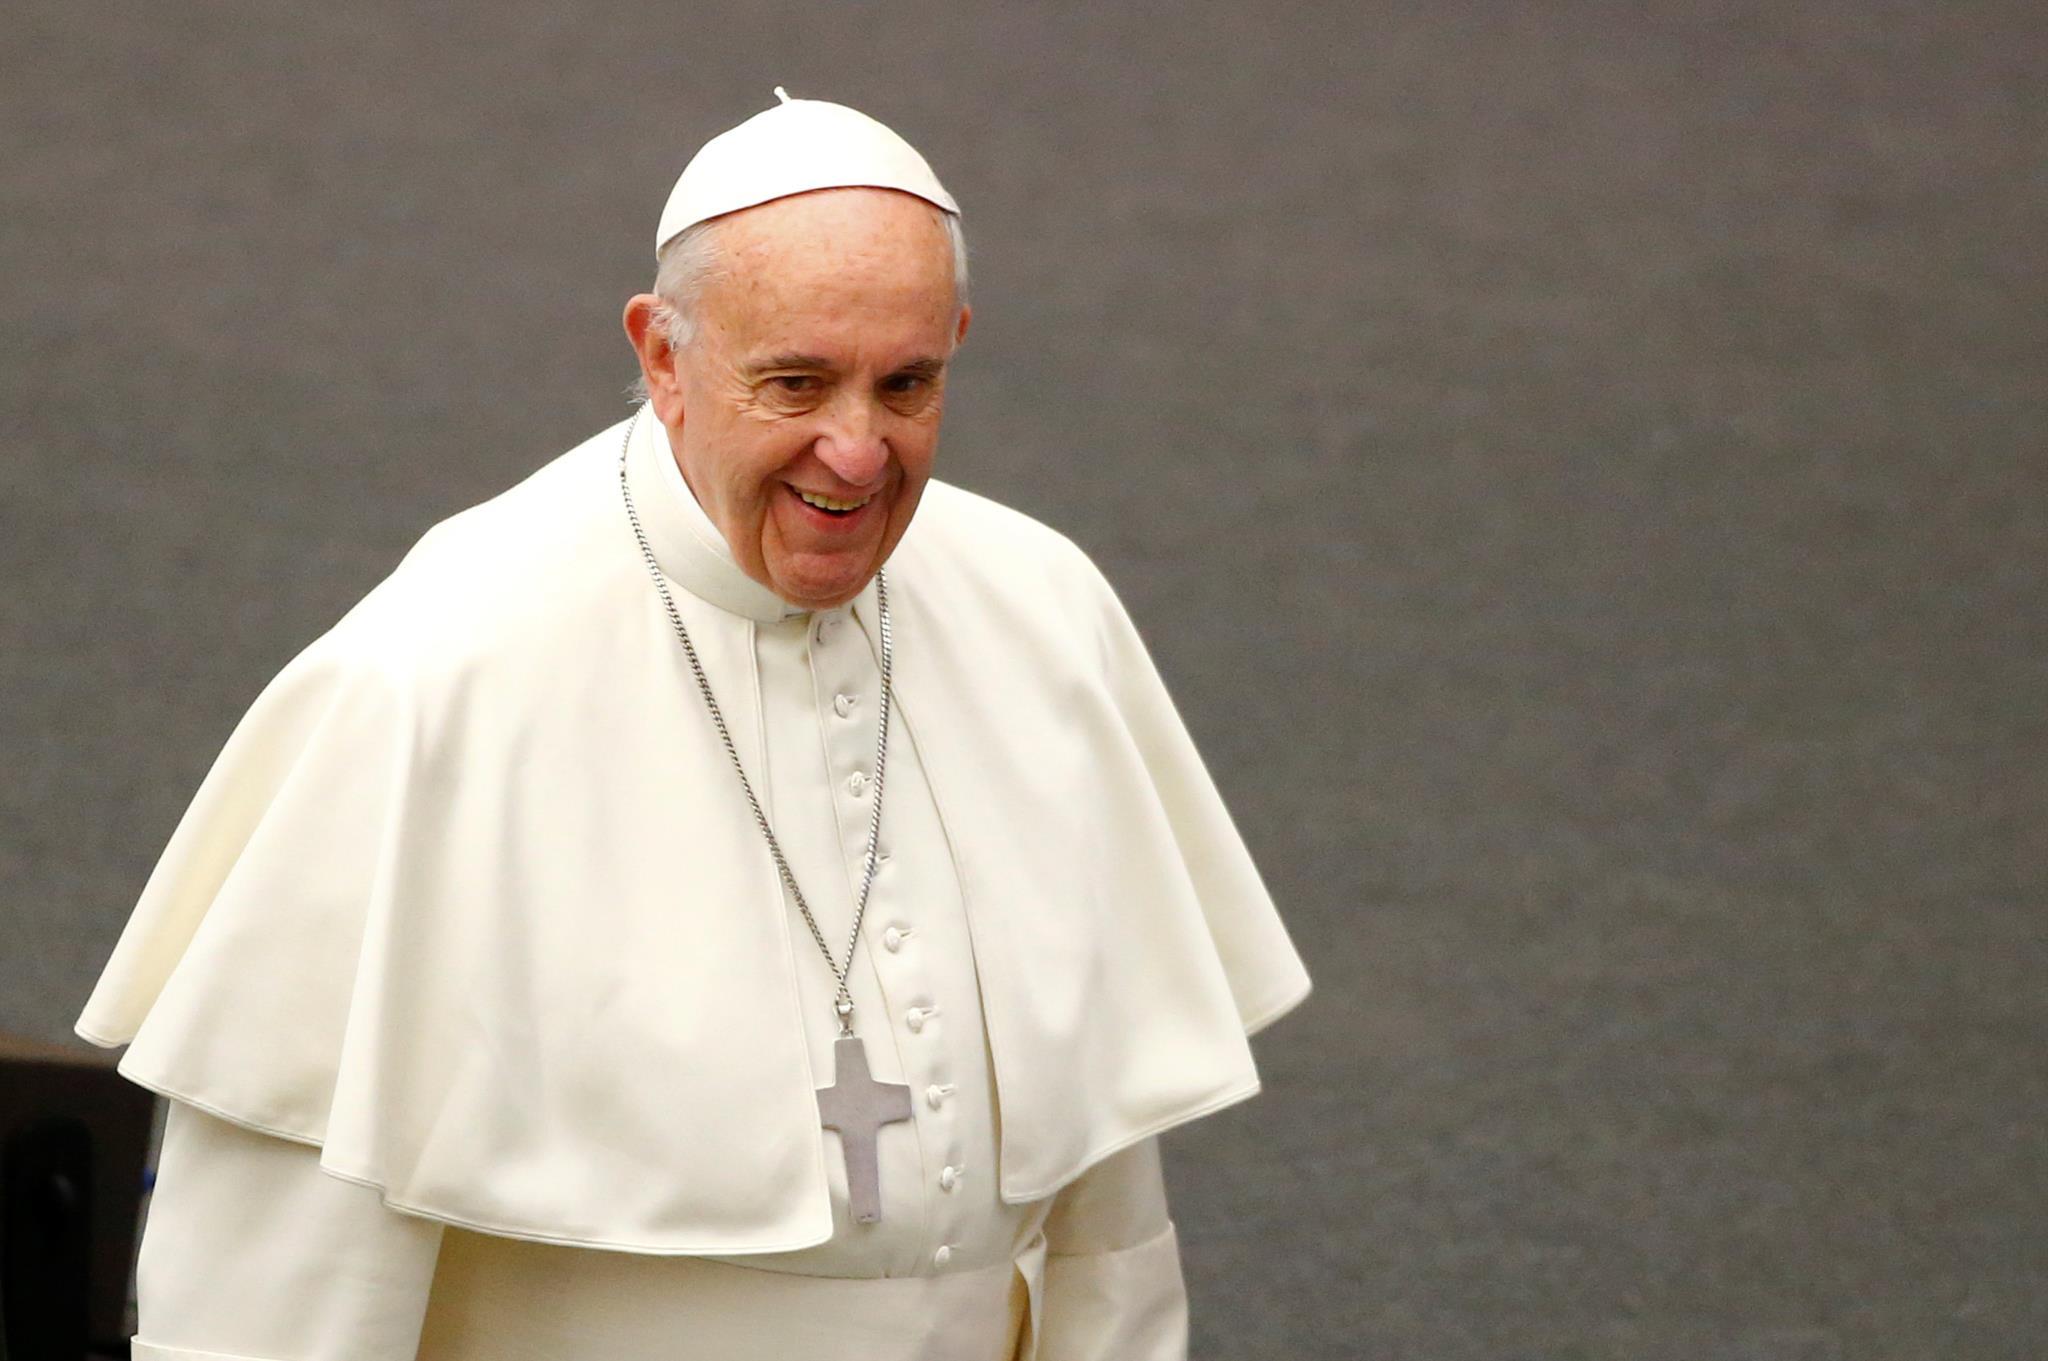 PÚBLICO - Despesas com Papa em Portugal feitas por ajuste directo